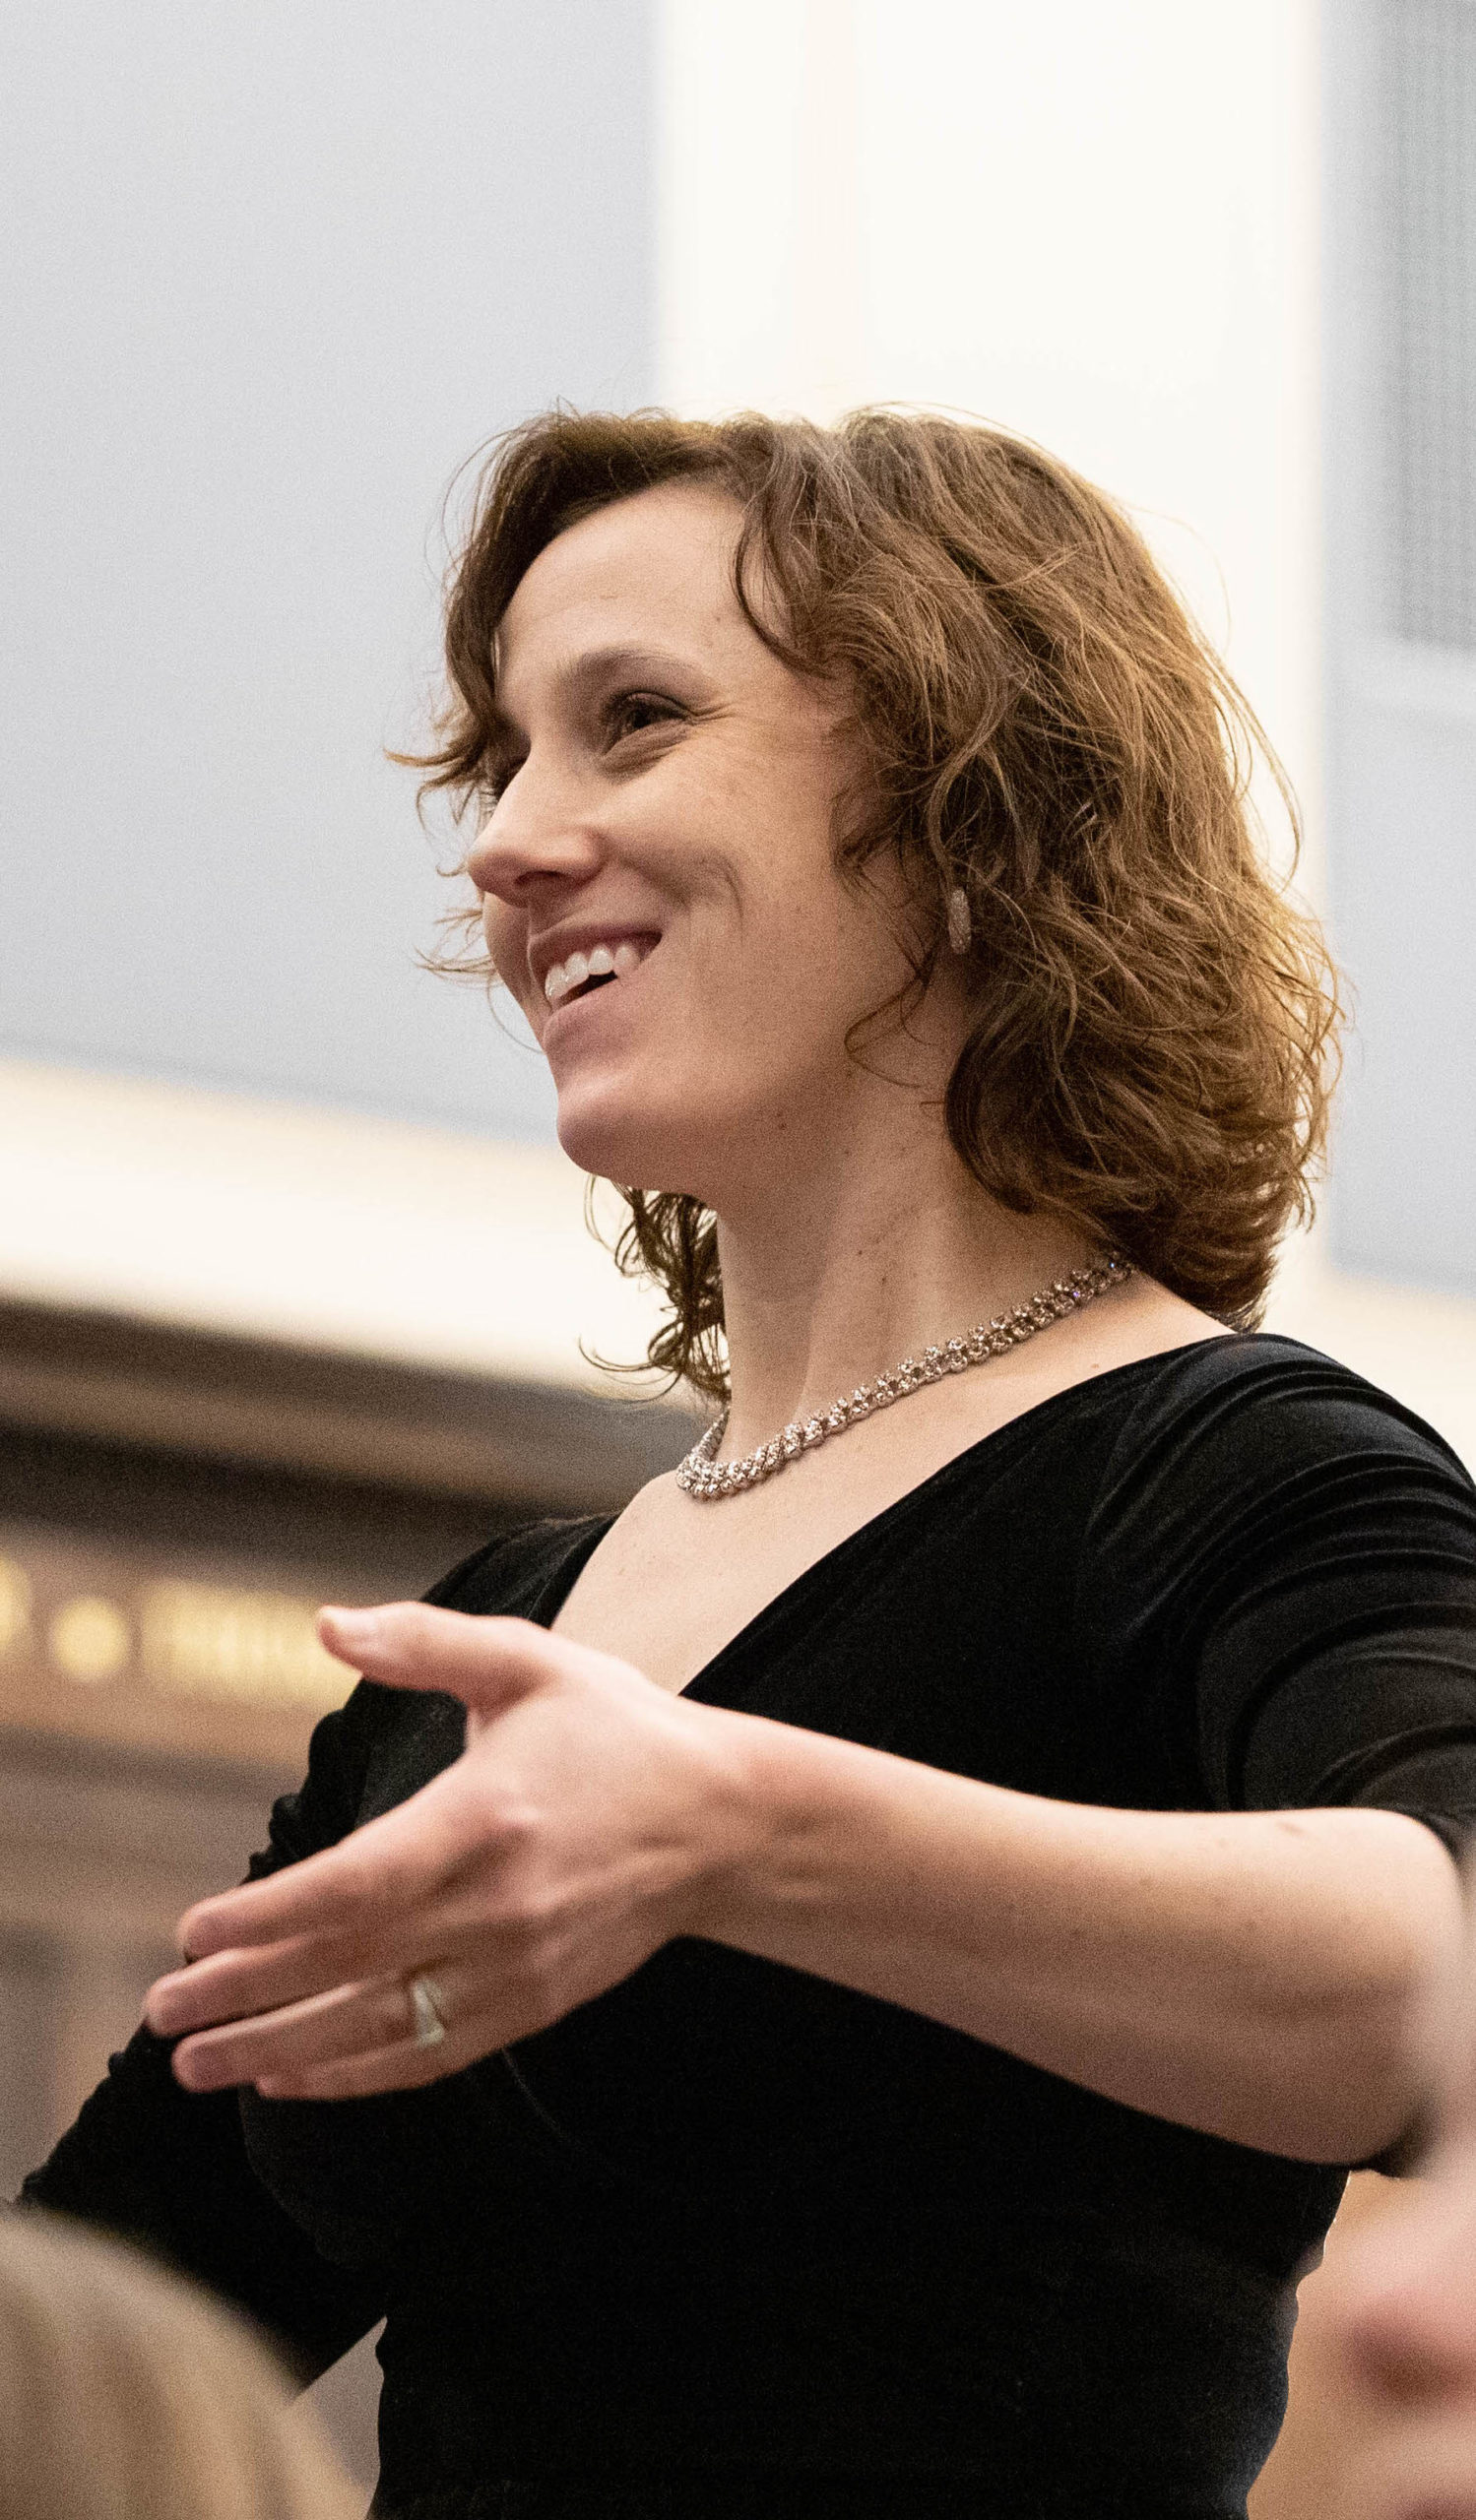 Conductor Alyson Greer Espinosa conducting